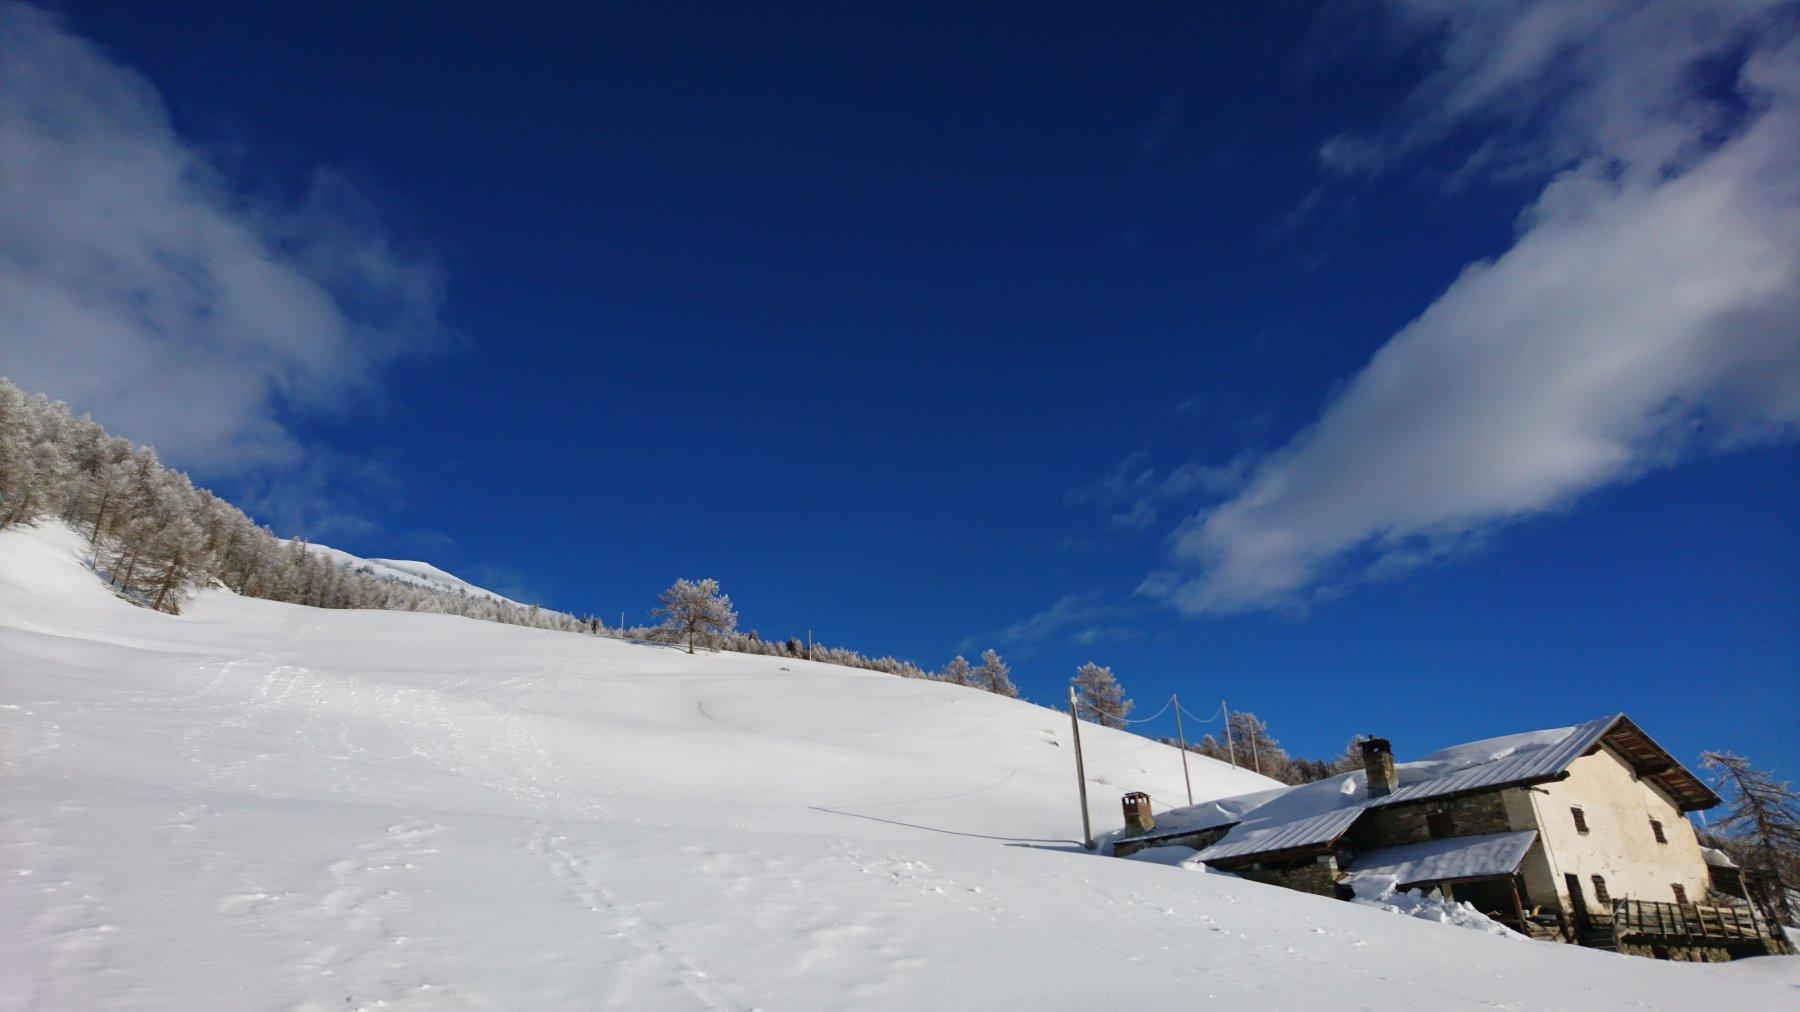 L'alpeggio incontrato e la cima sullo sfondo...